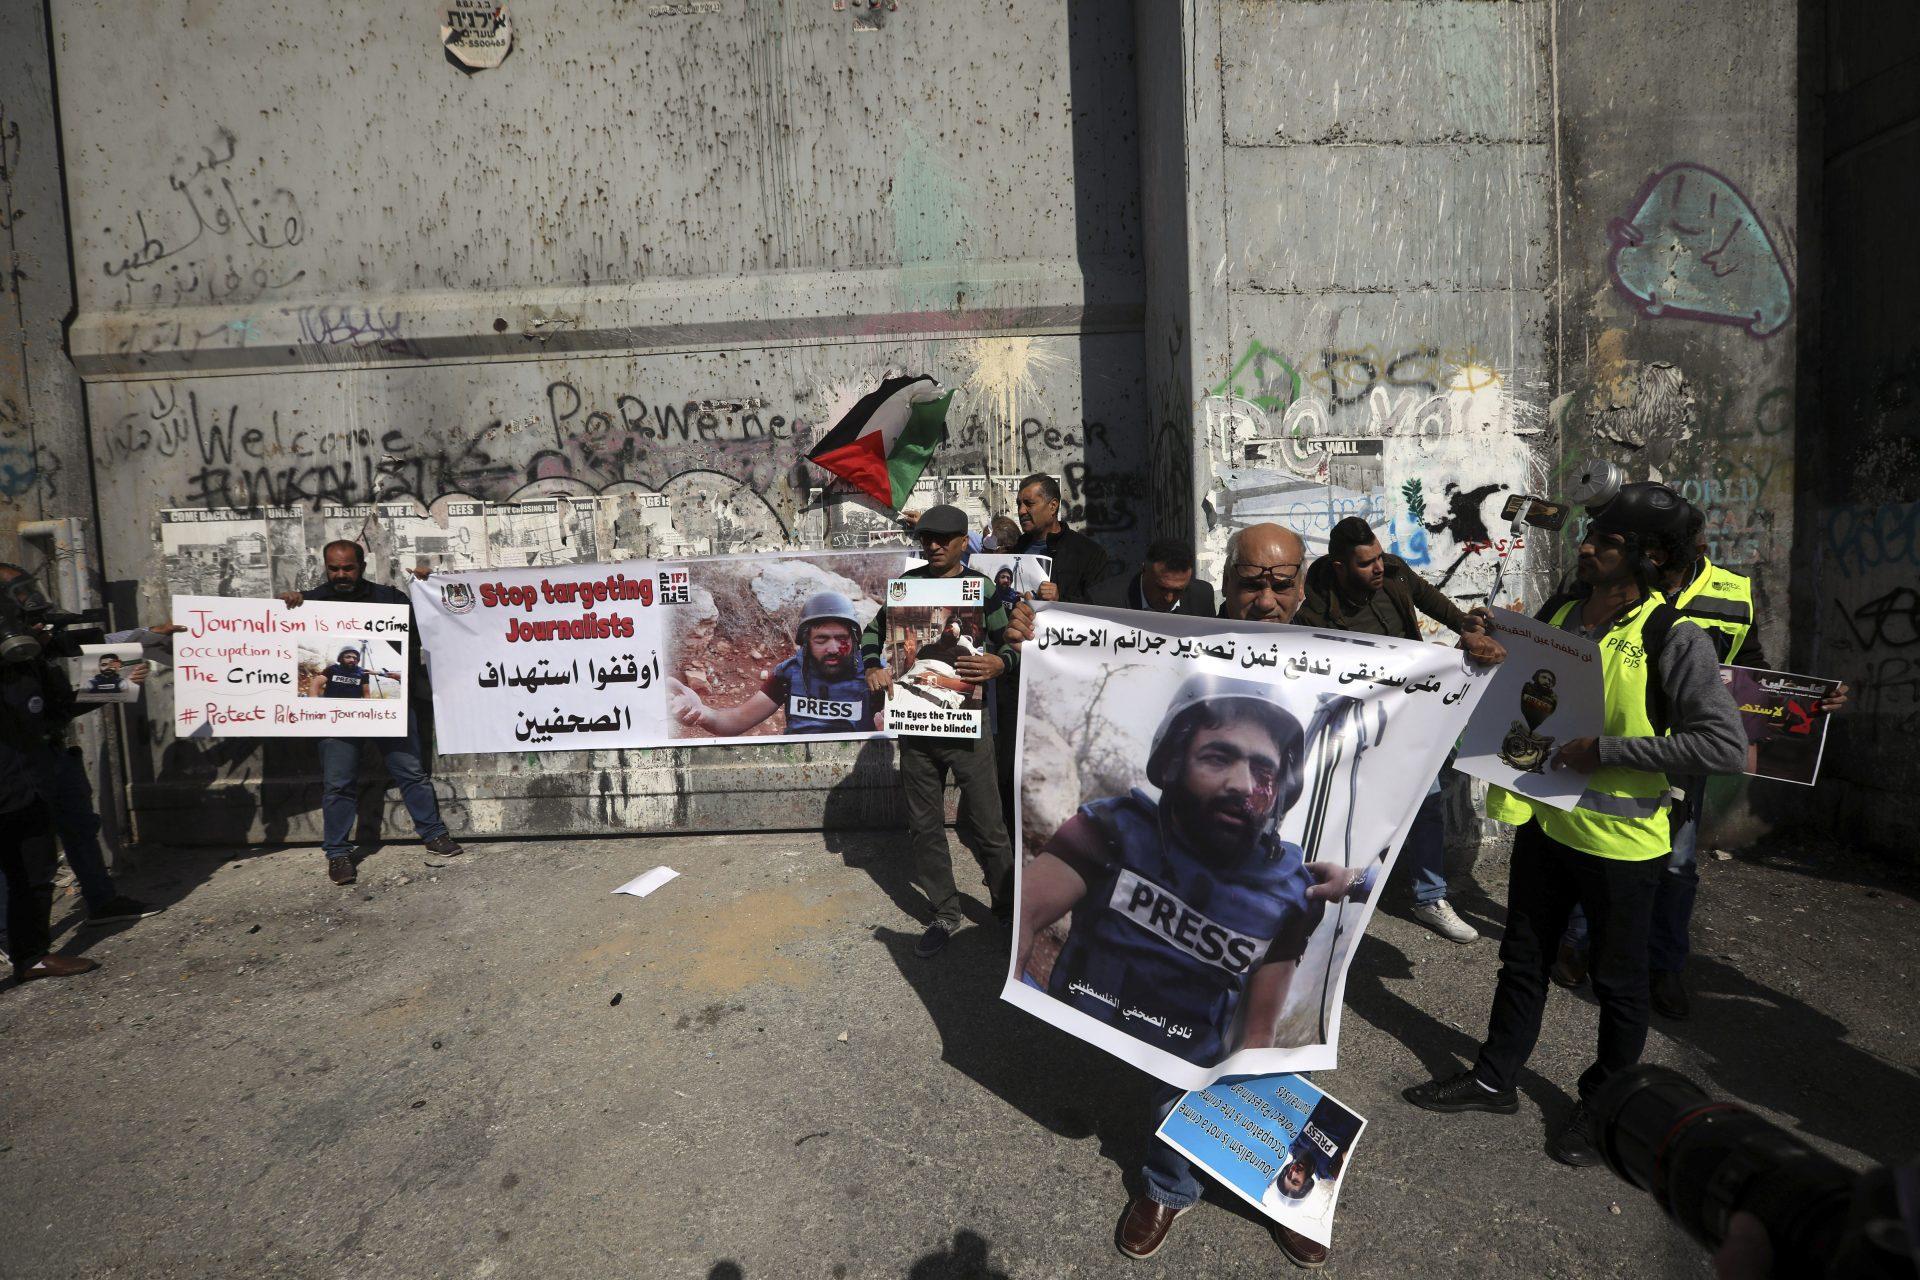 Un jurnalist palestinian a fost rănit grav în cadrul unor proteste, de către forțele israeliene